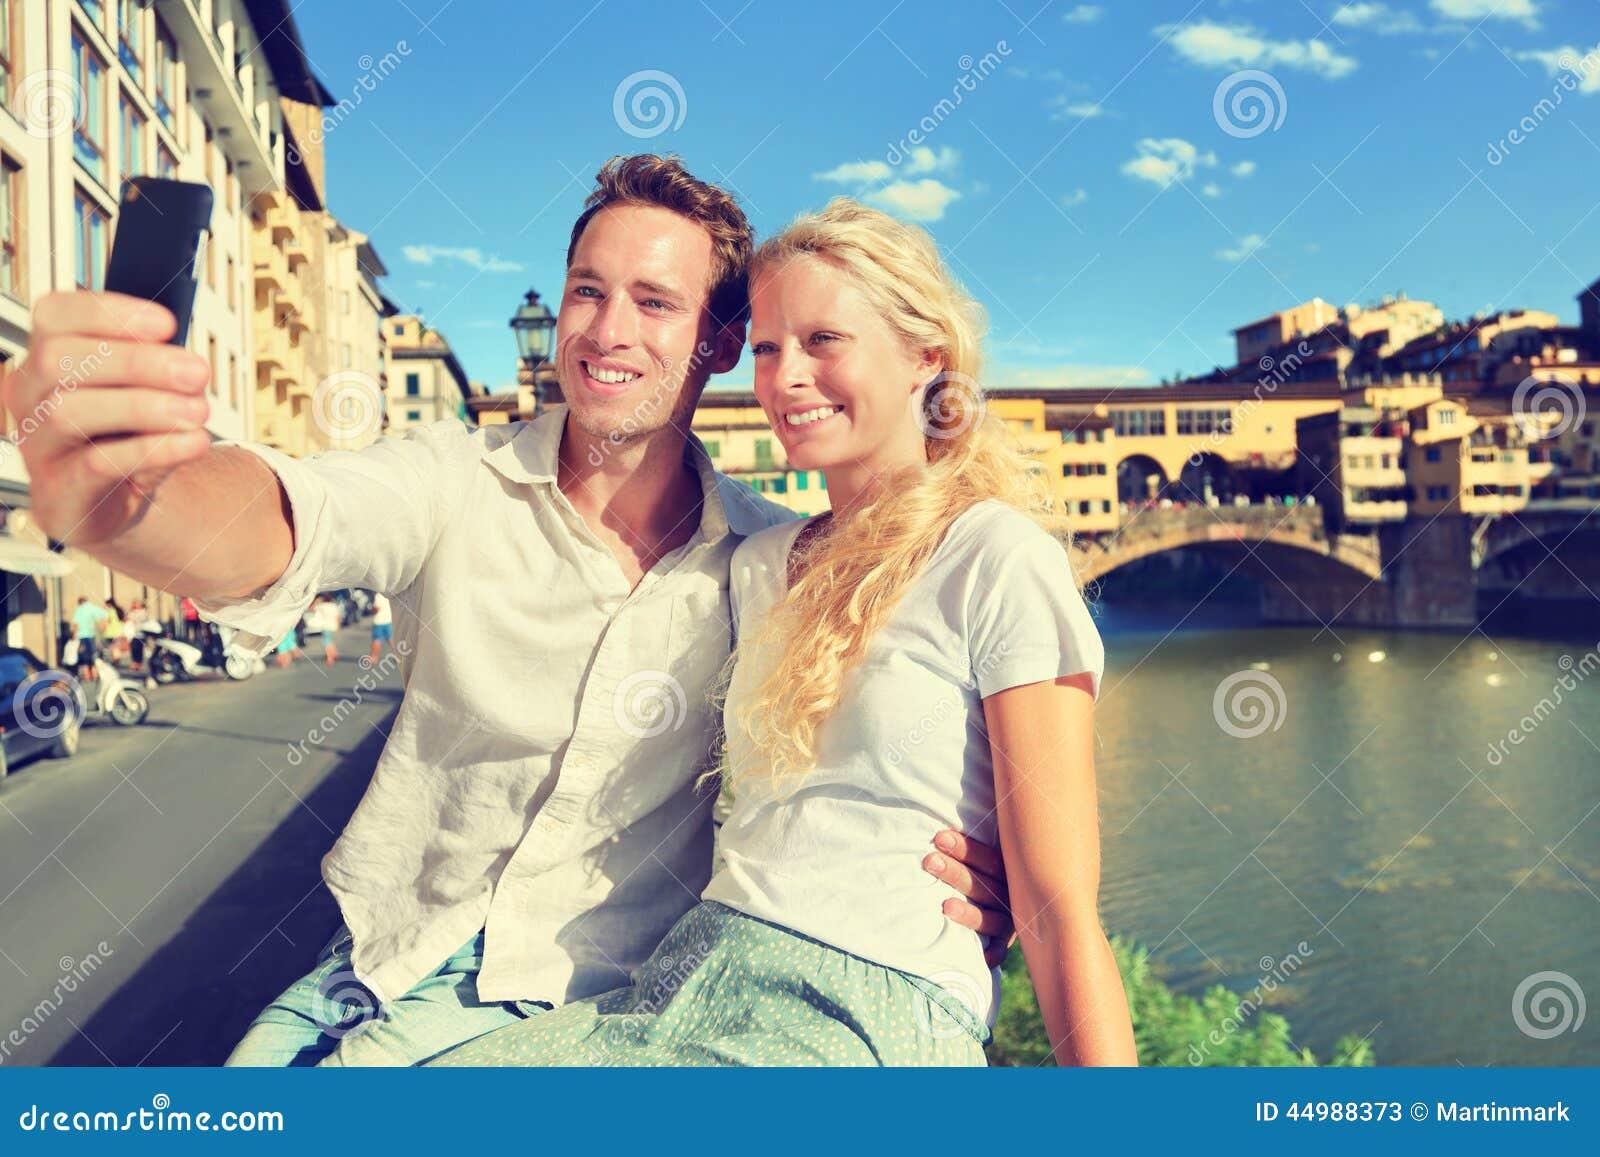 Foto di Selfie dalle coppie che viaggiano a Firenze